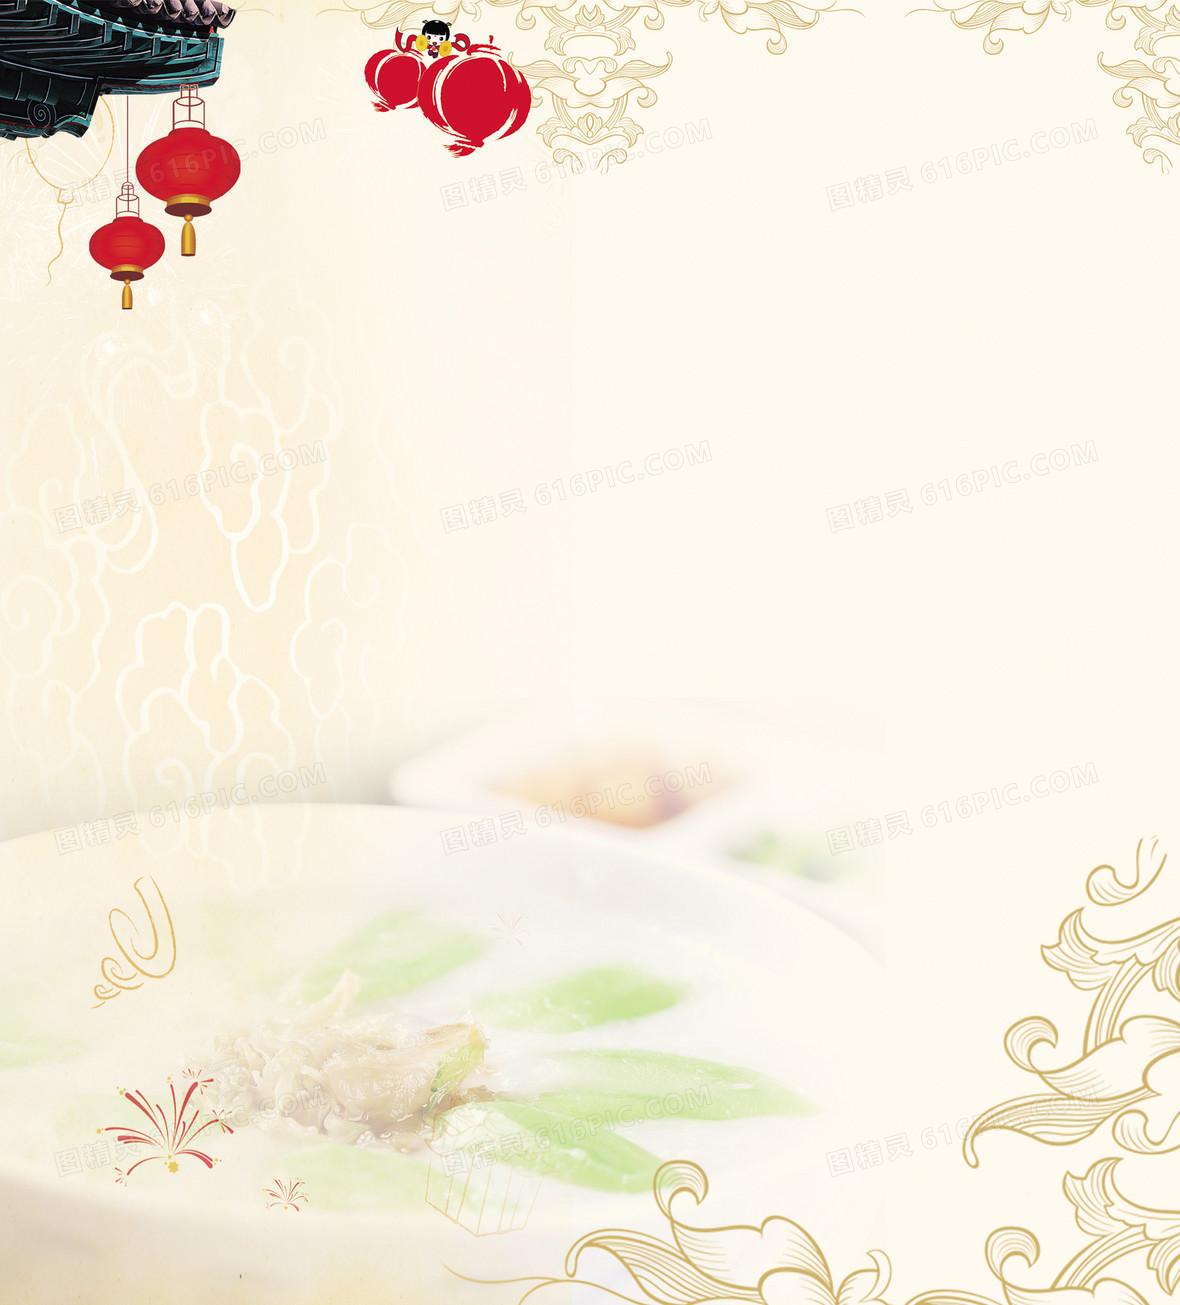 中国风画册背景素材